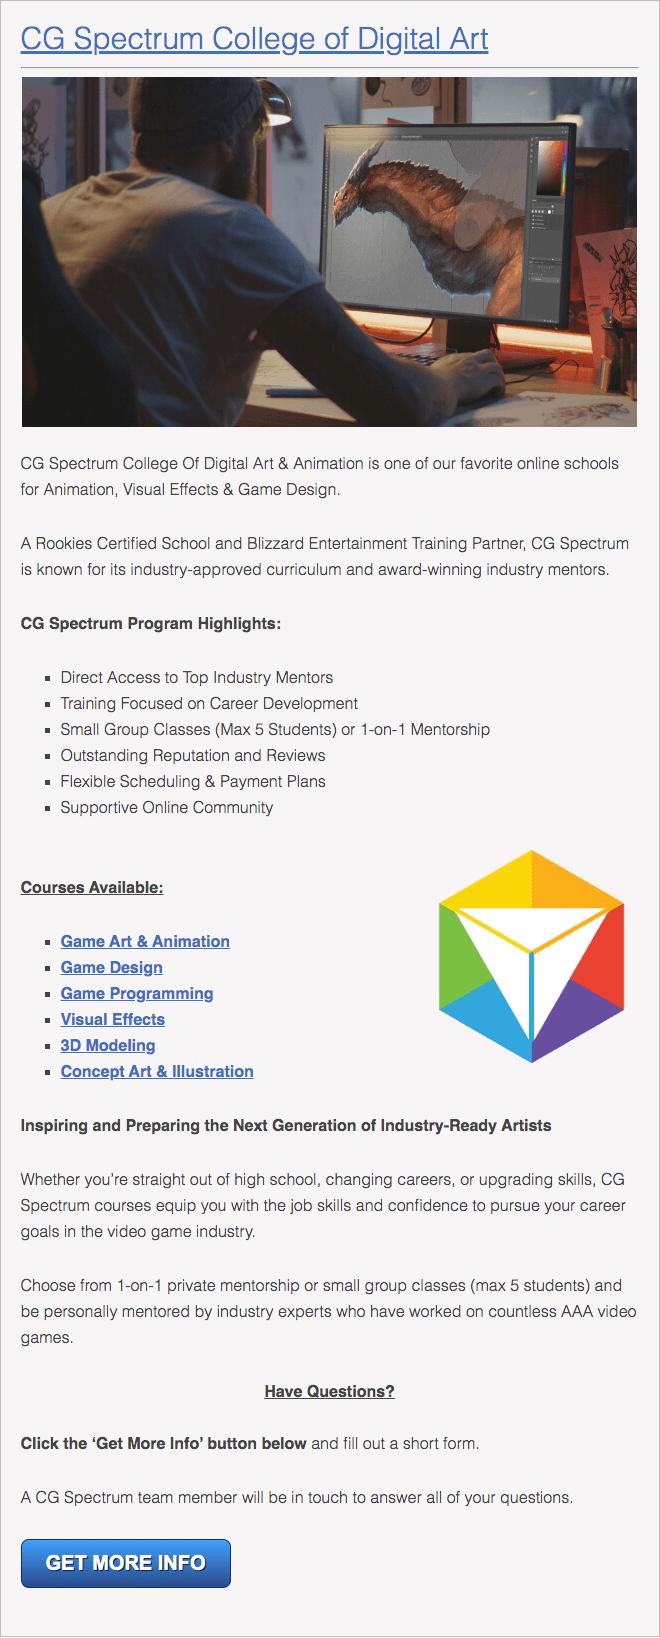 New York Online Classes for Game Development